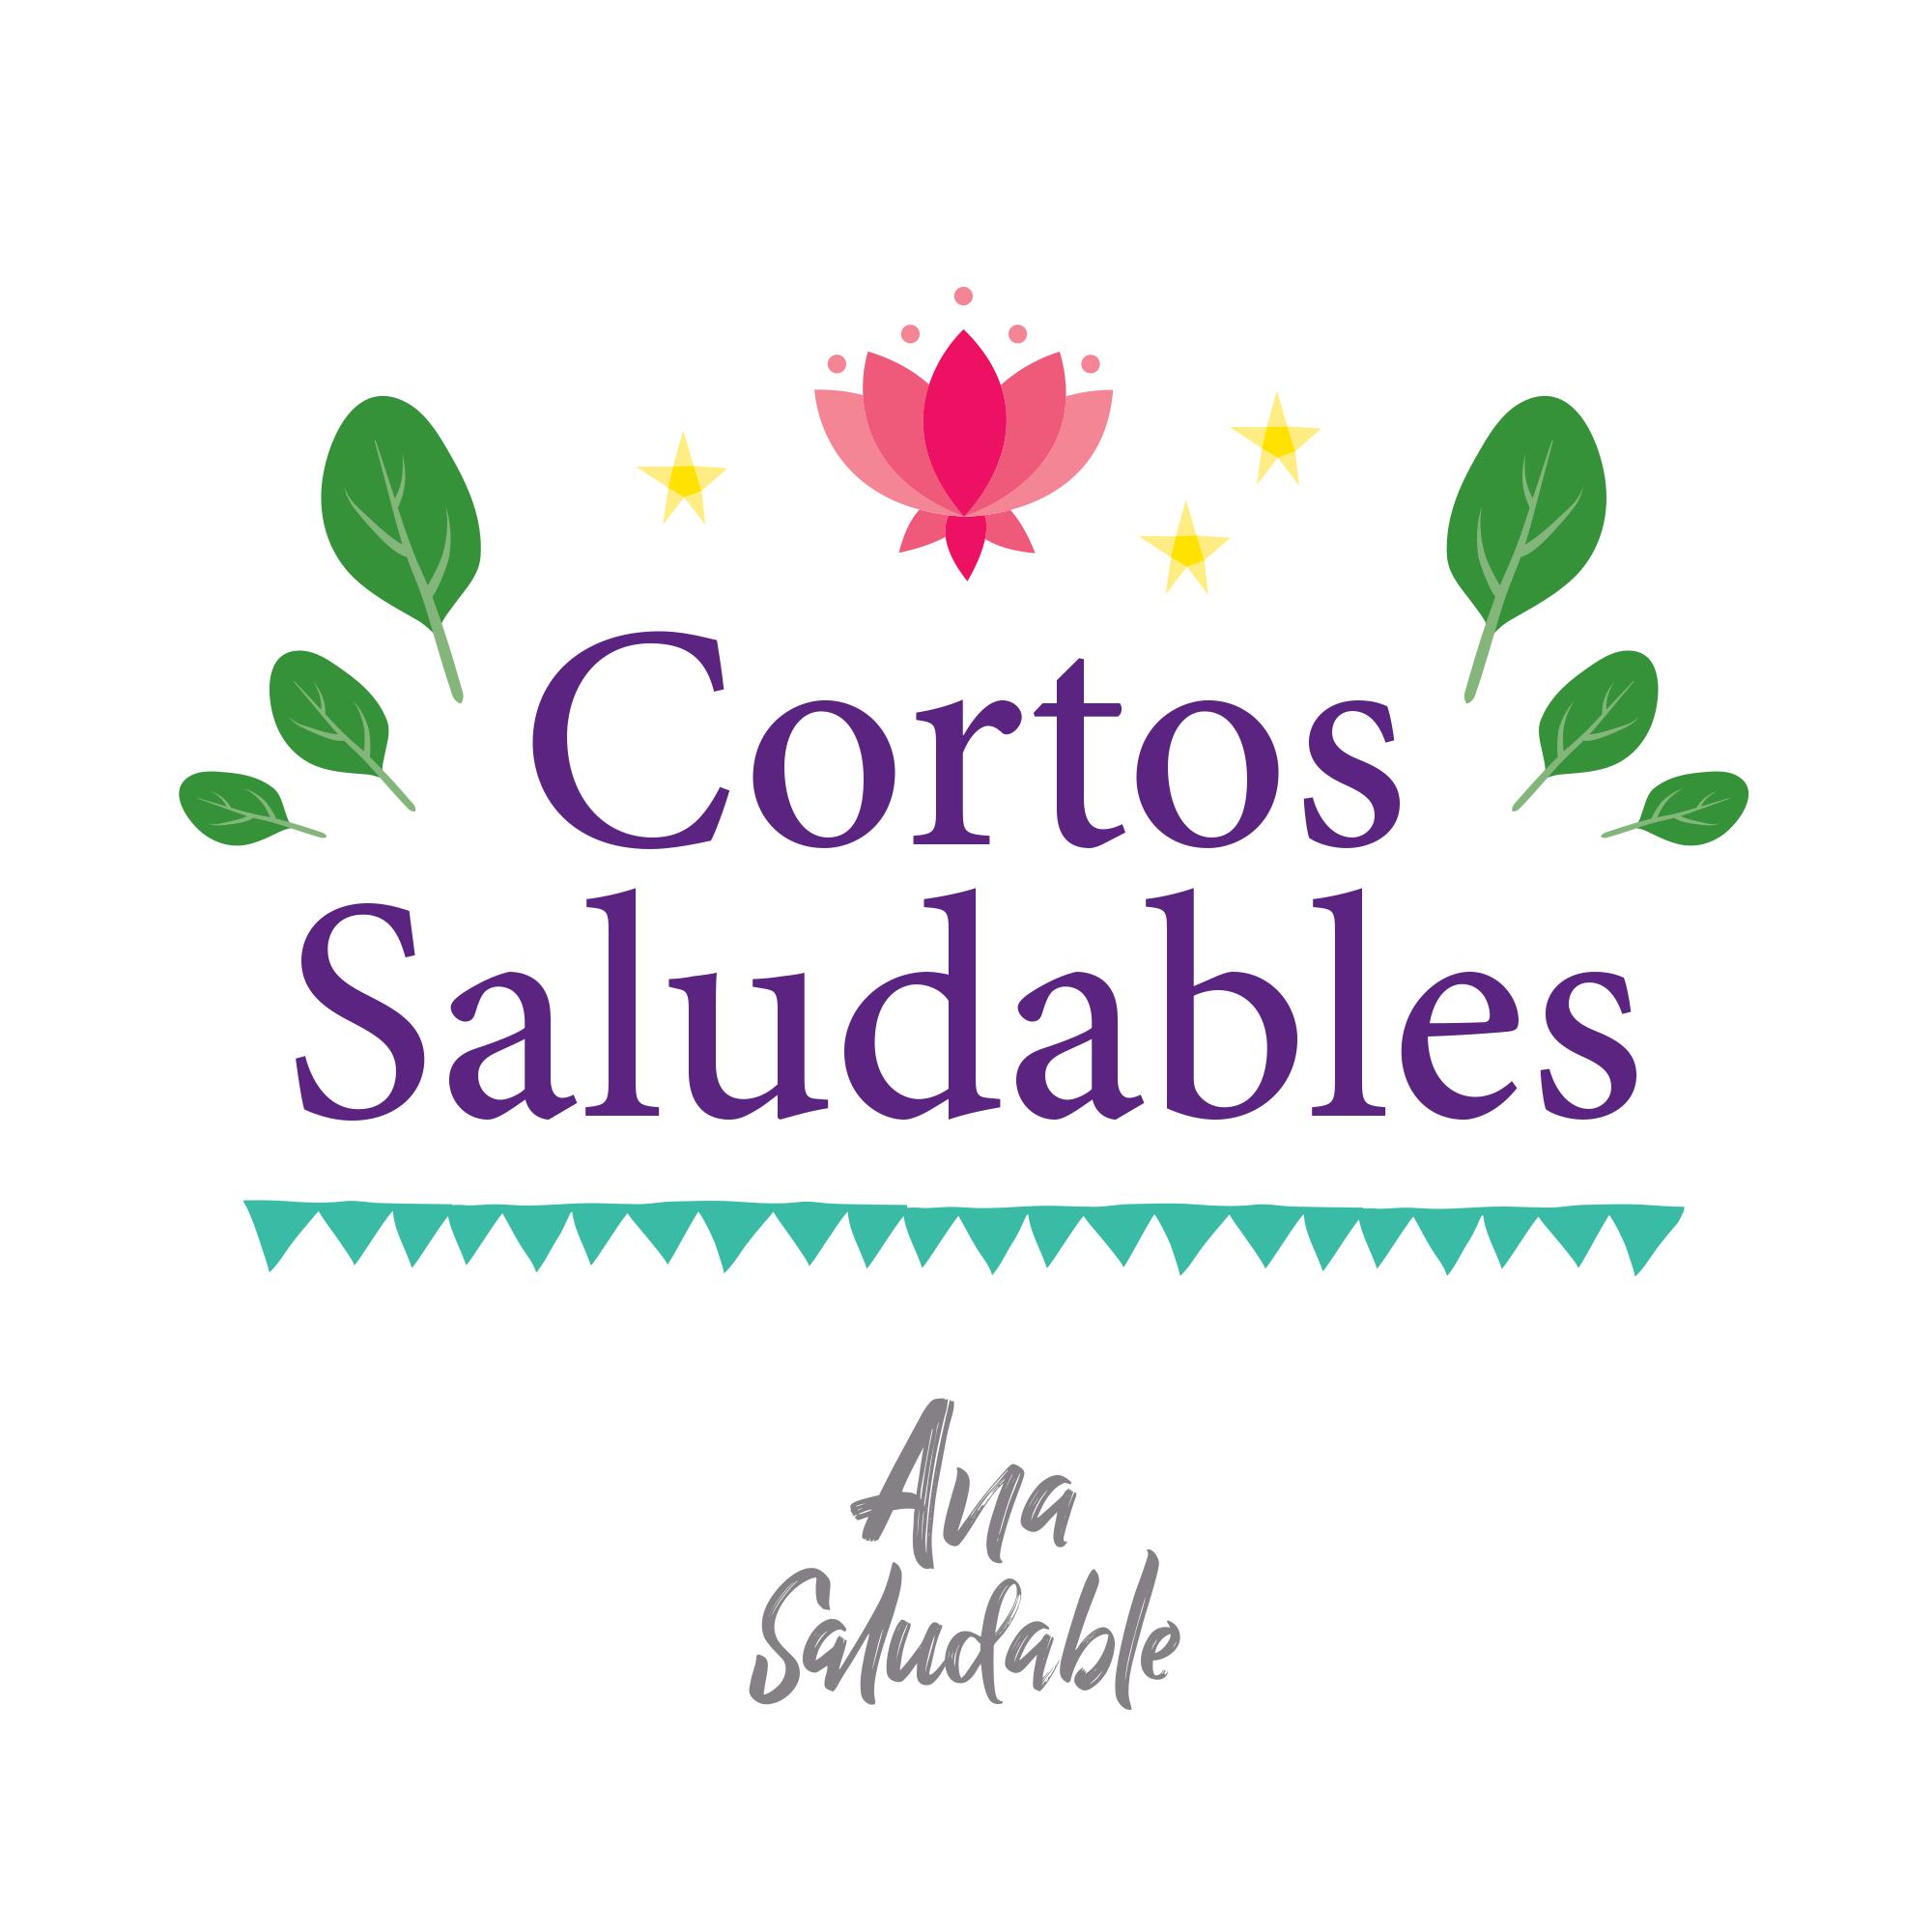 Los cortos saludables de Ana Saludable show art